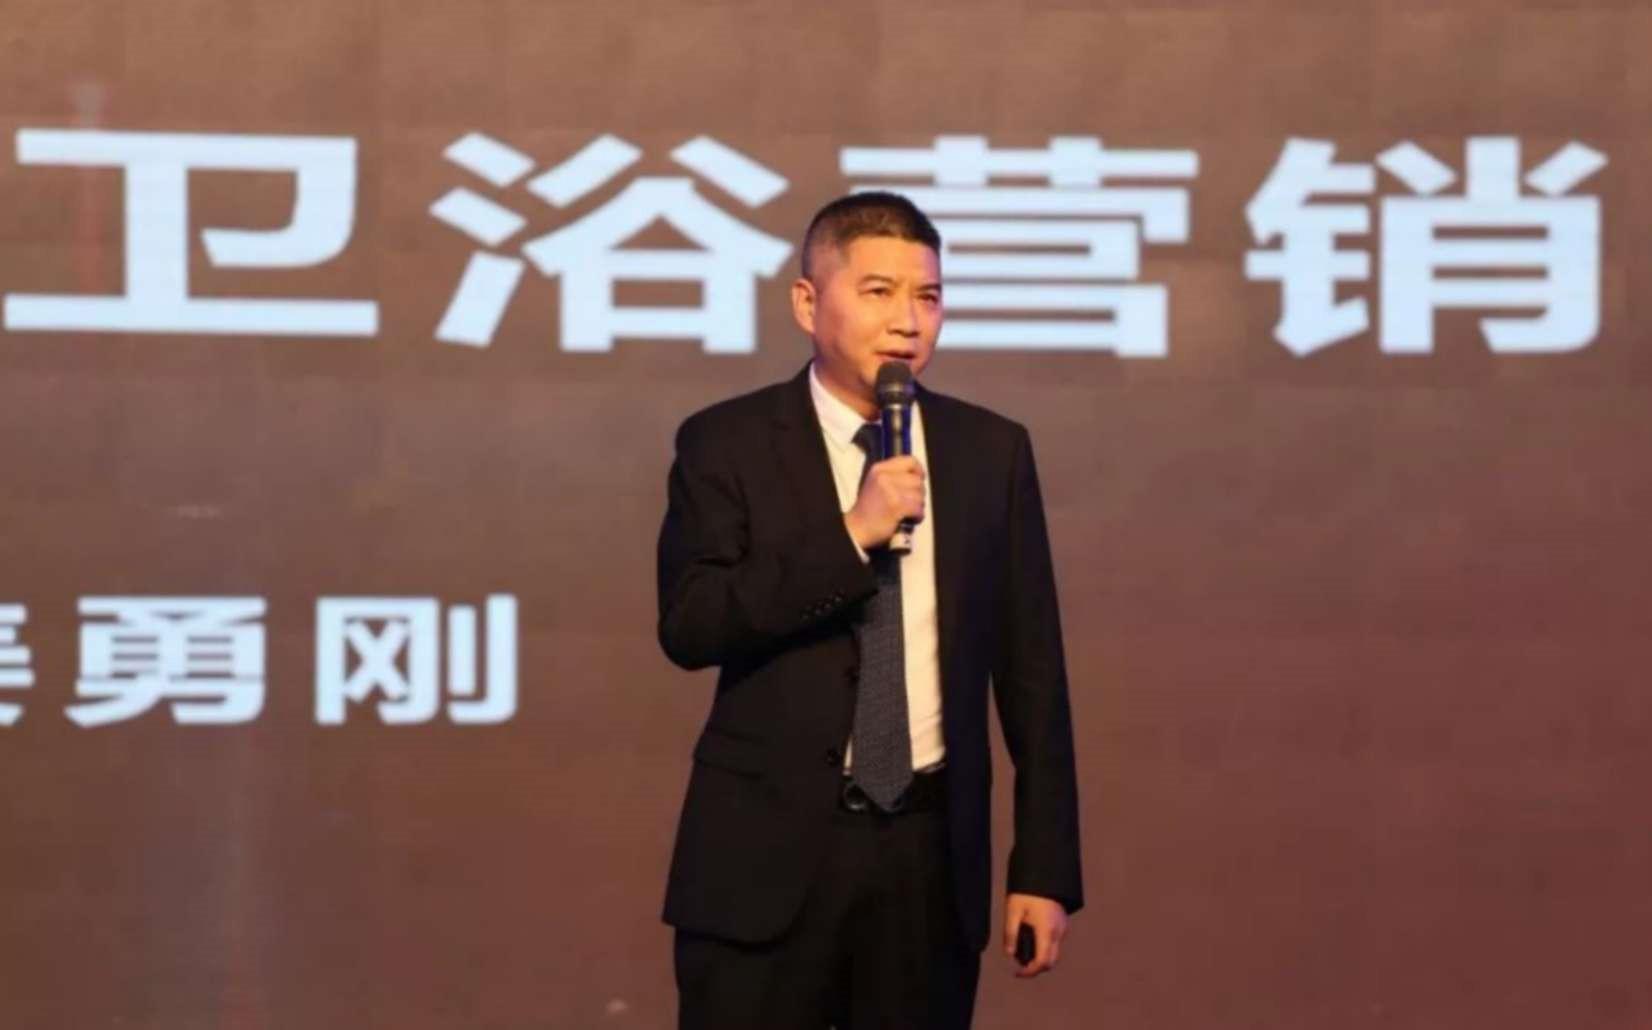 欧路莎卫浴姜勇刚:疫情让大众更注重健康,上海展可能是个爆发点